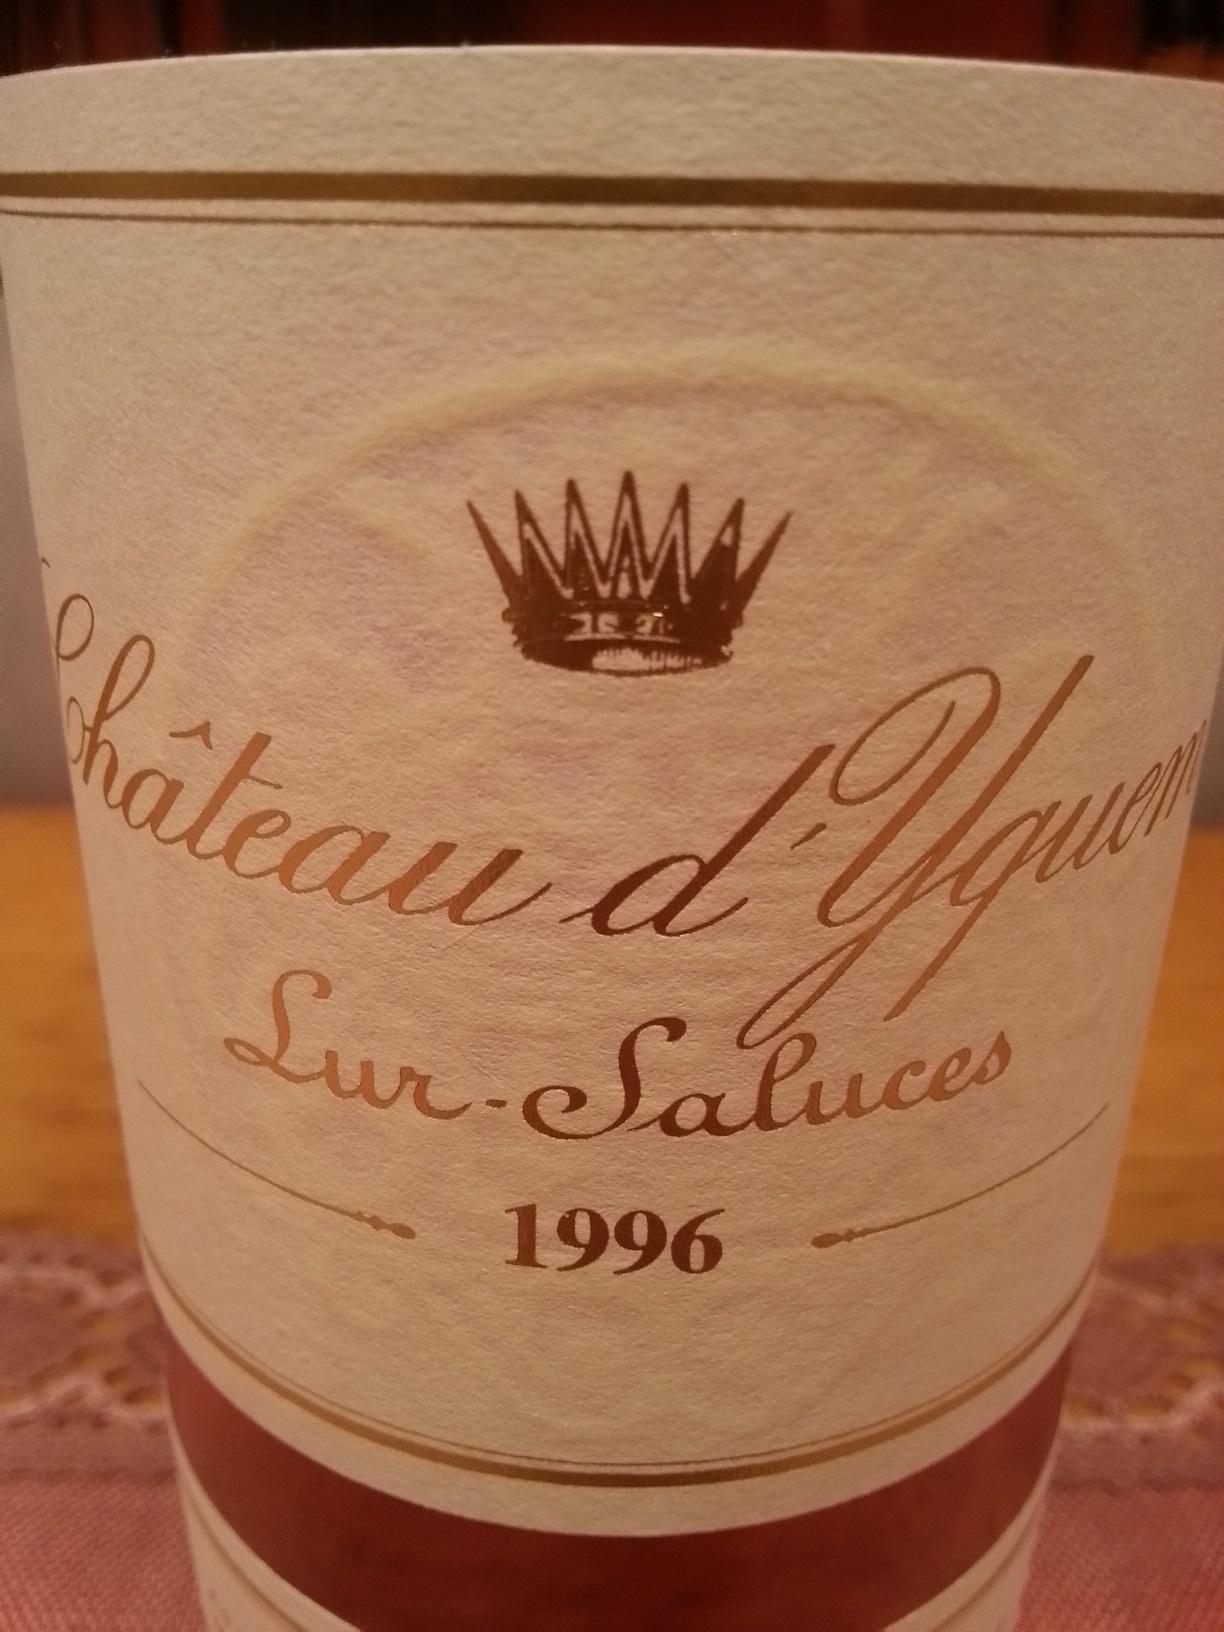 1996 Yquem | Château d'Yquem